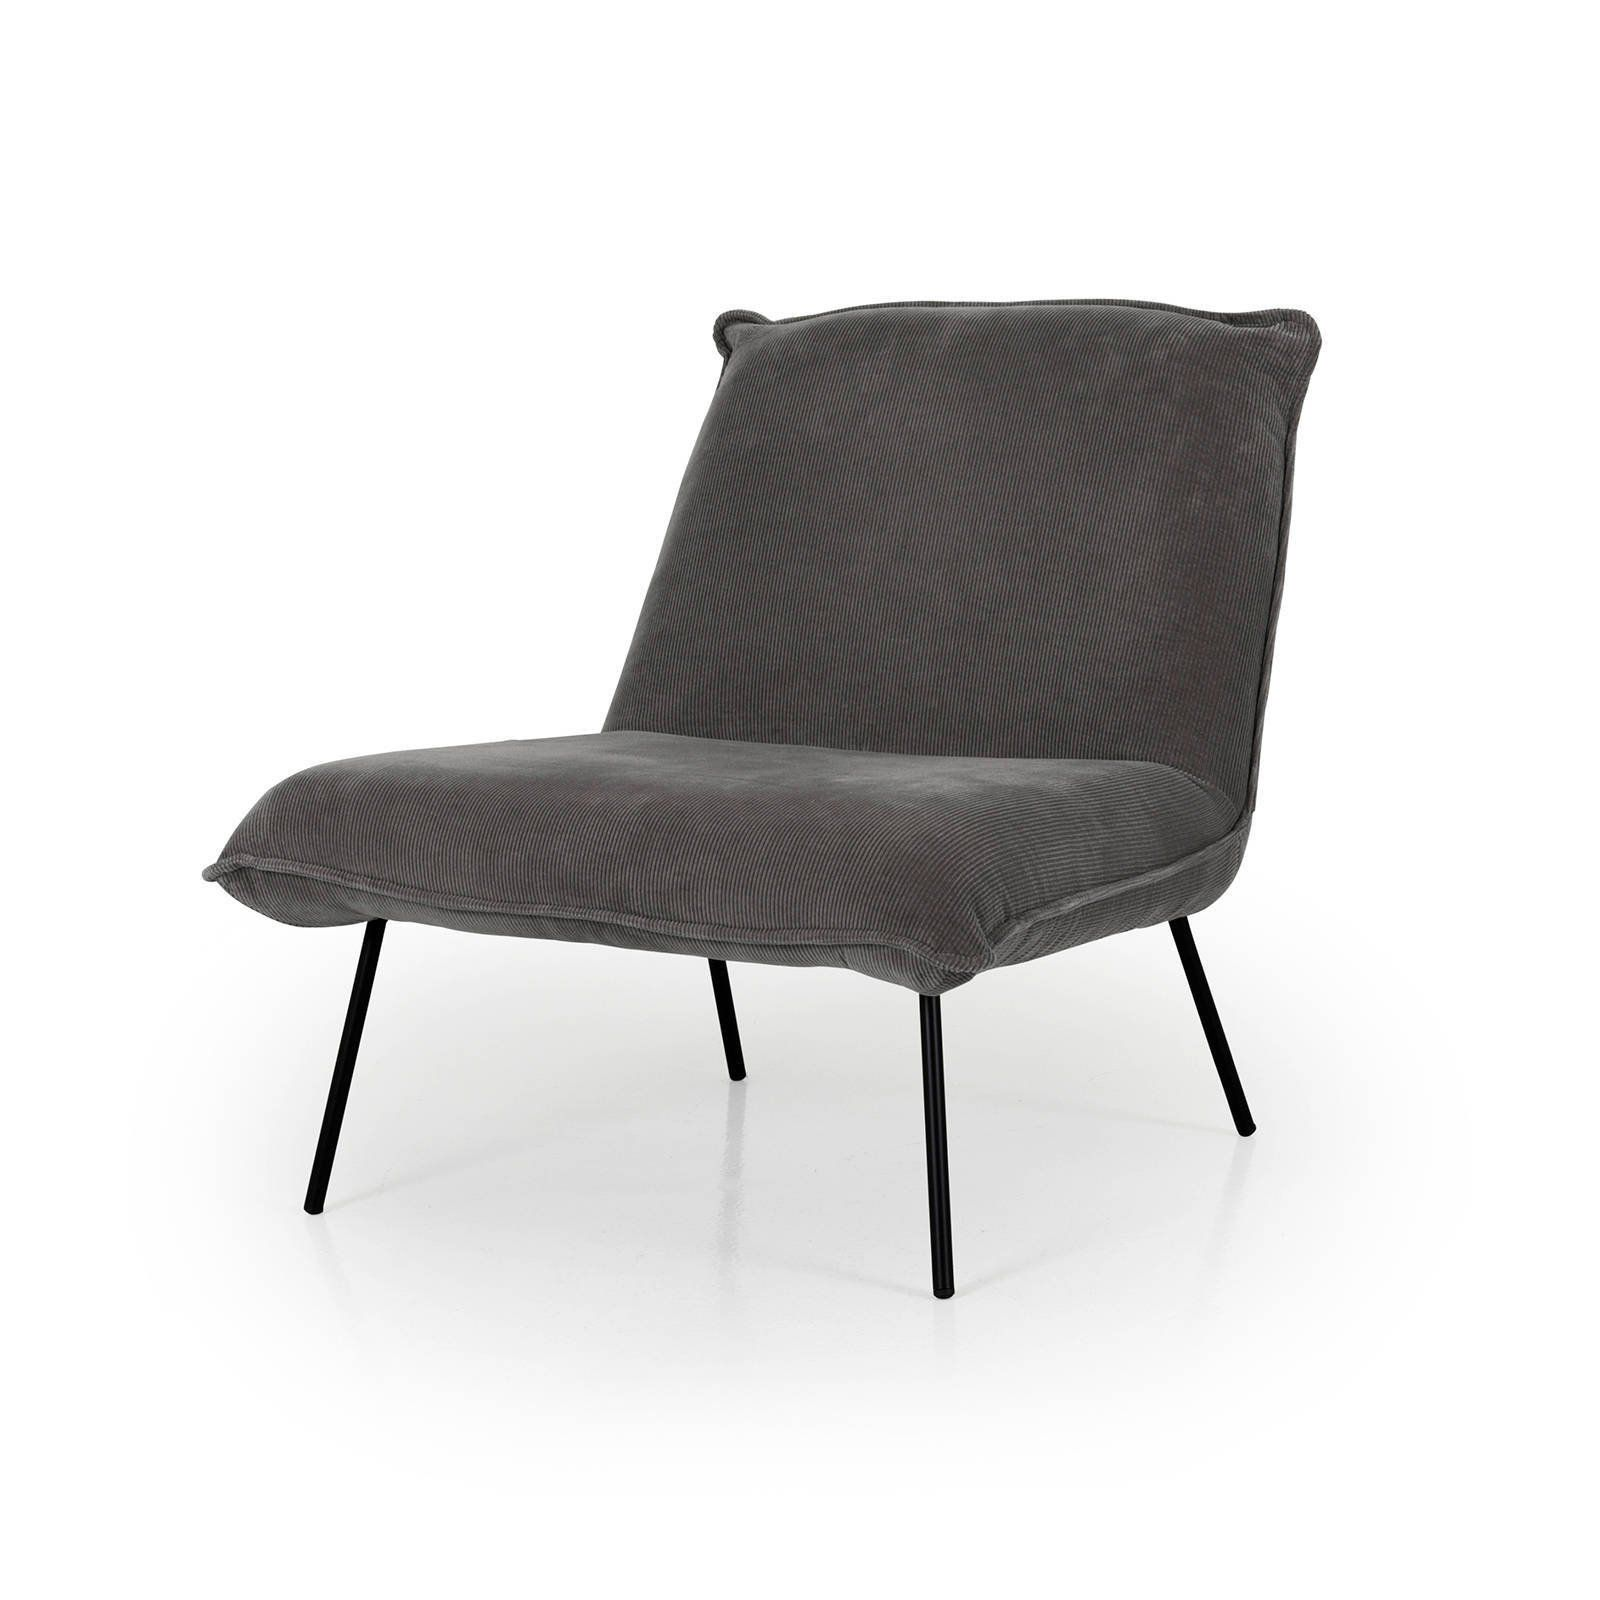 joey-grijs-fauteuil-ribstof-5